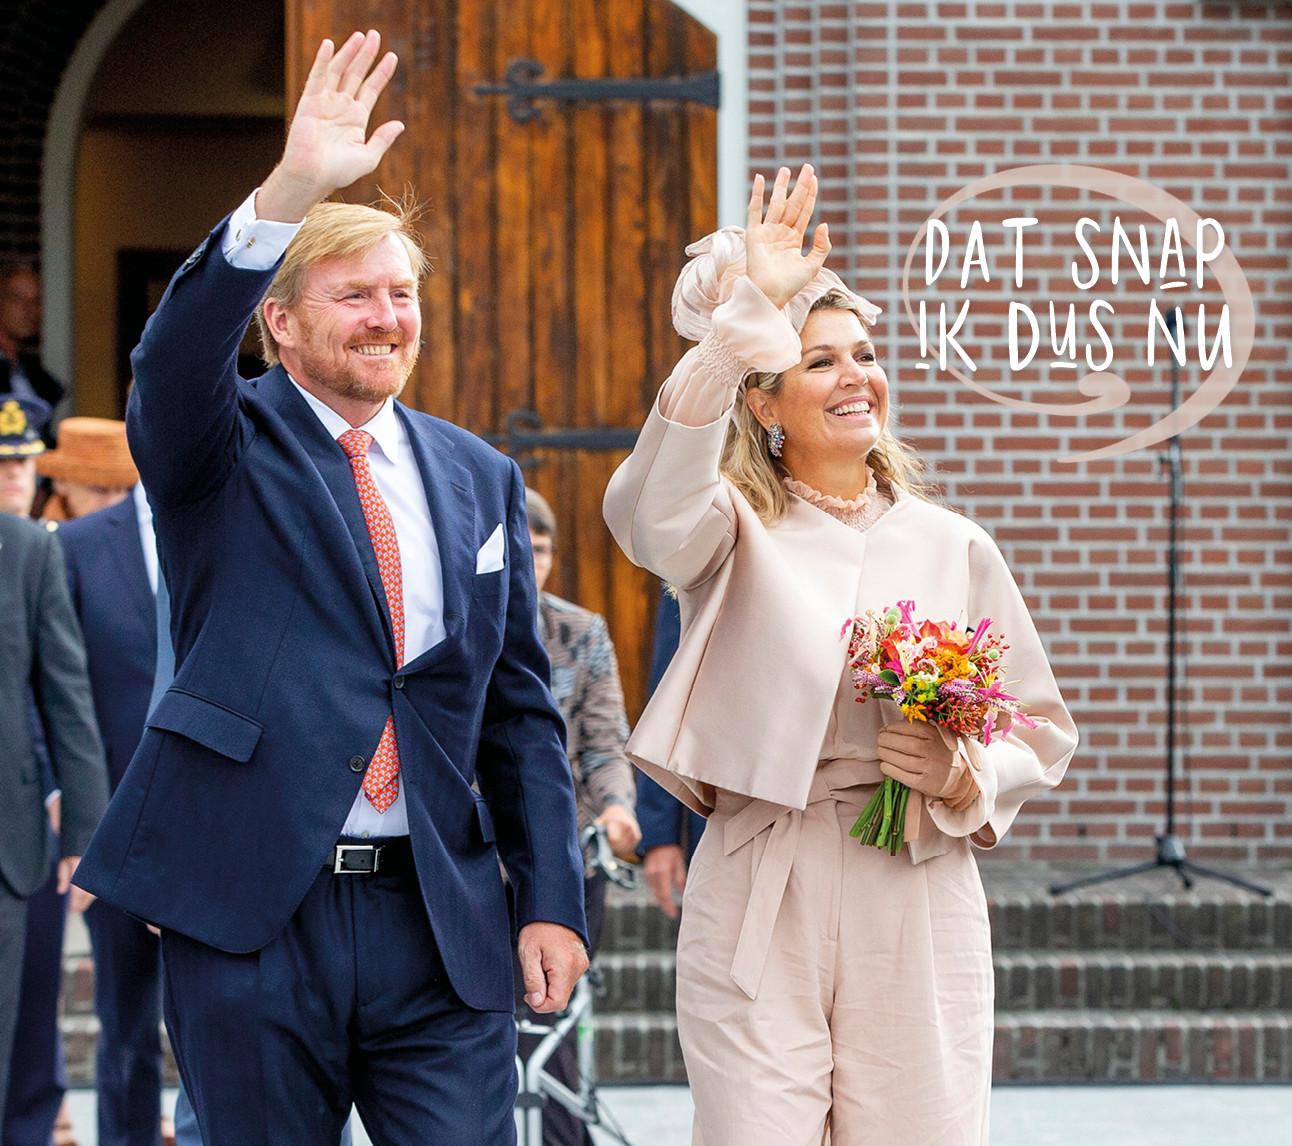 Willem Alexander en Maxima lachend op straat met boeket in haar handen